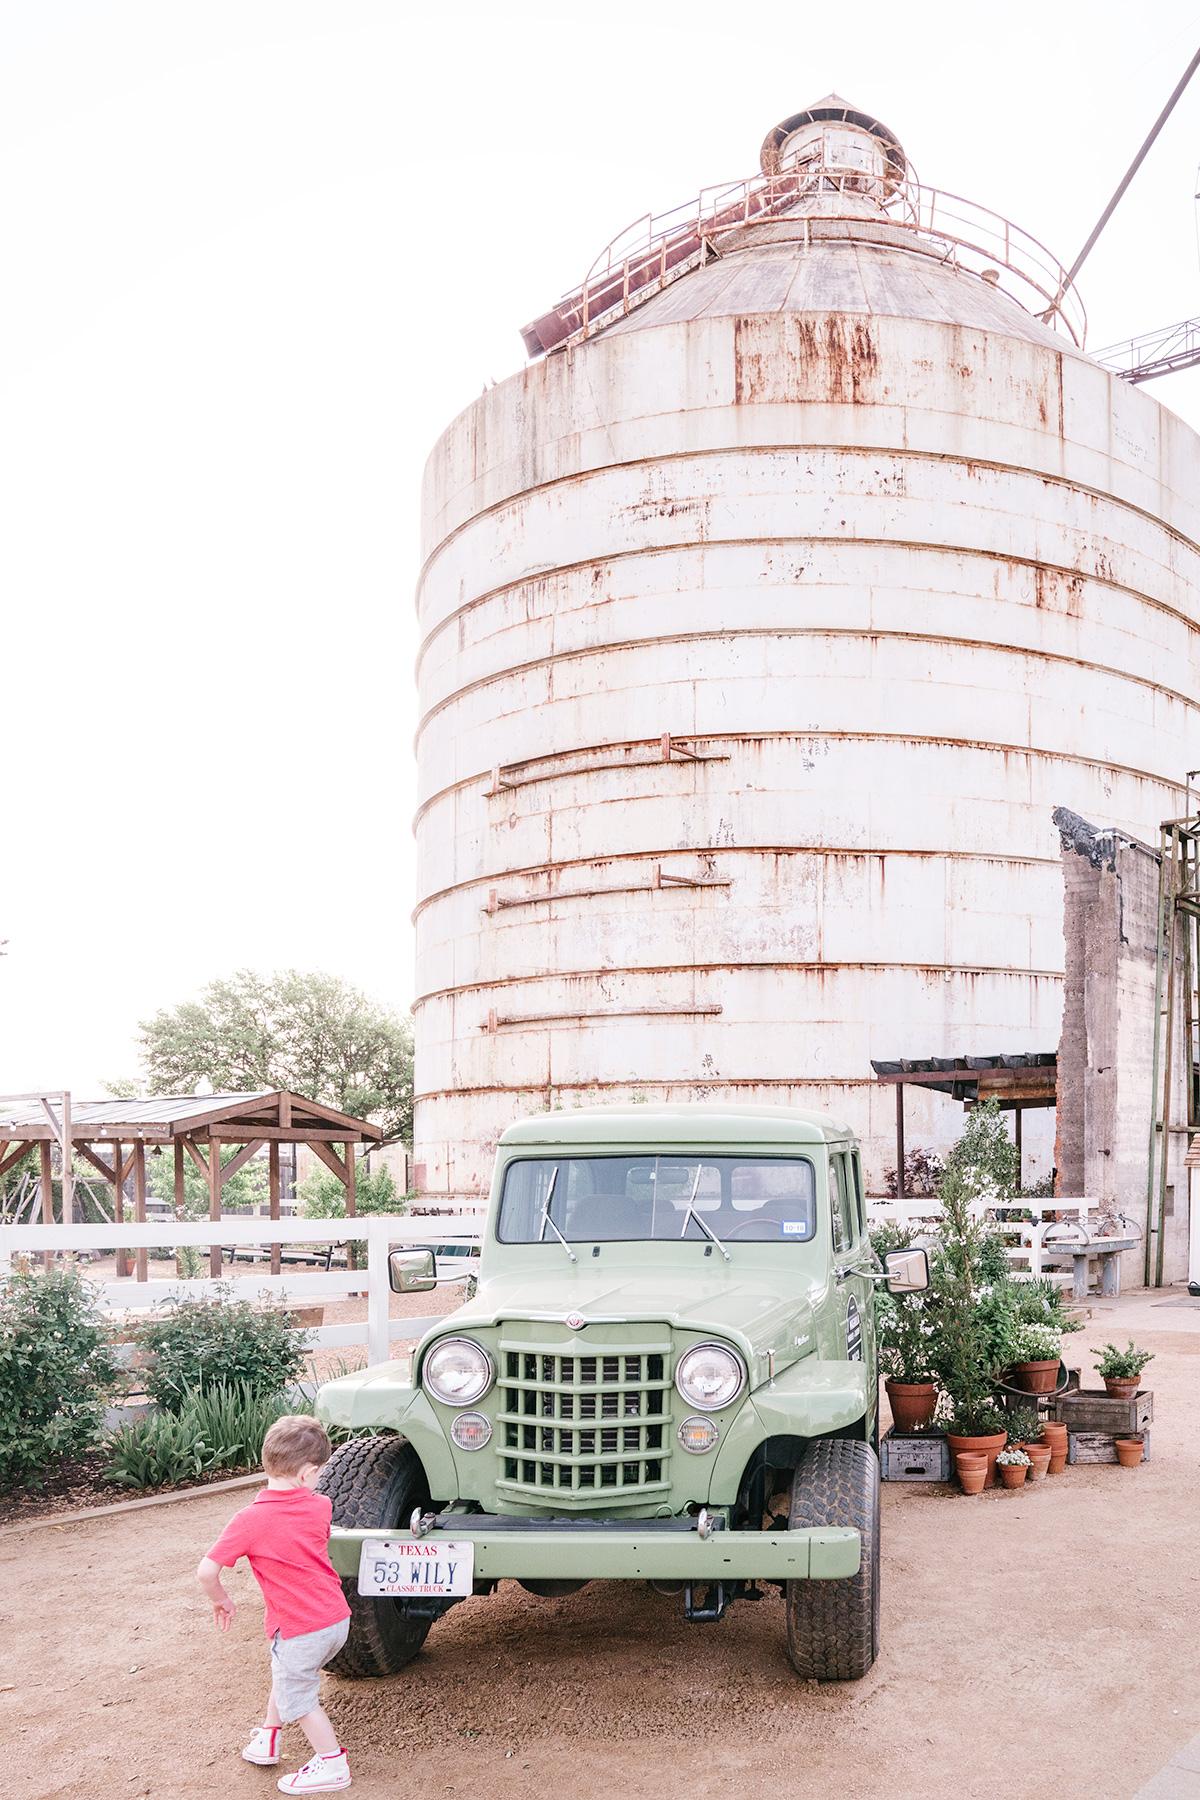 Magnolia-Silos-Texas-Waco